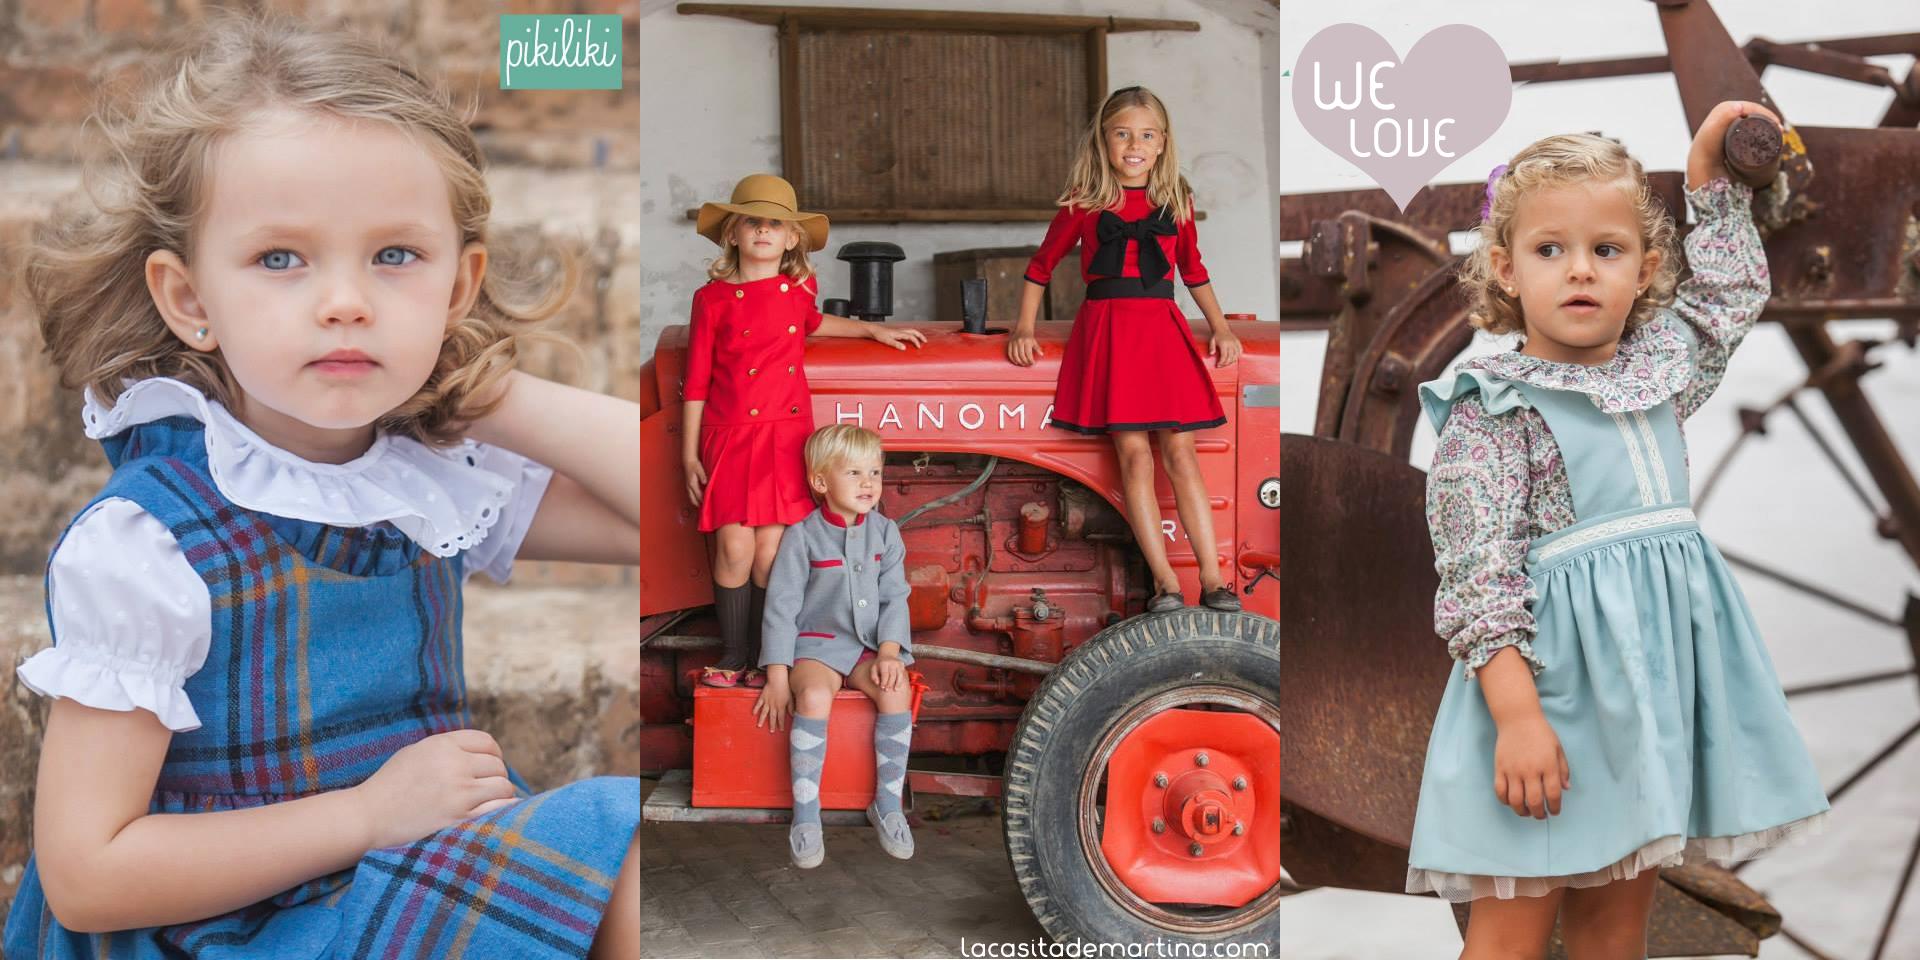 Marcas we love de moda infantil invierno 2014 pikiliki for La casita de martina